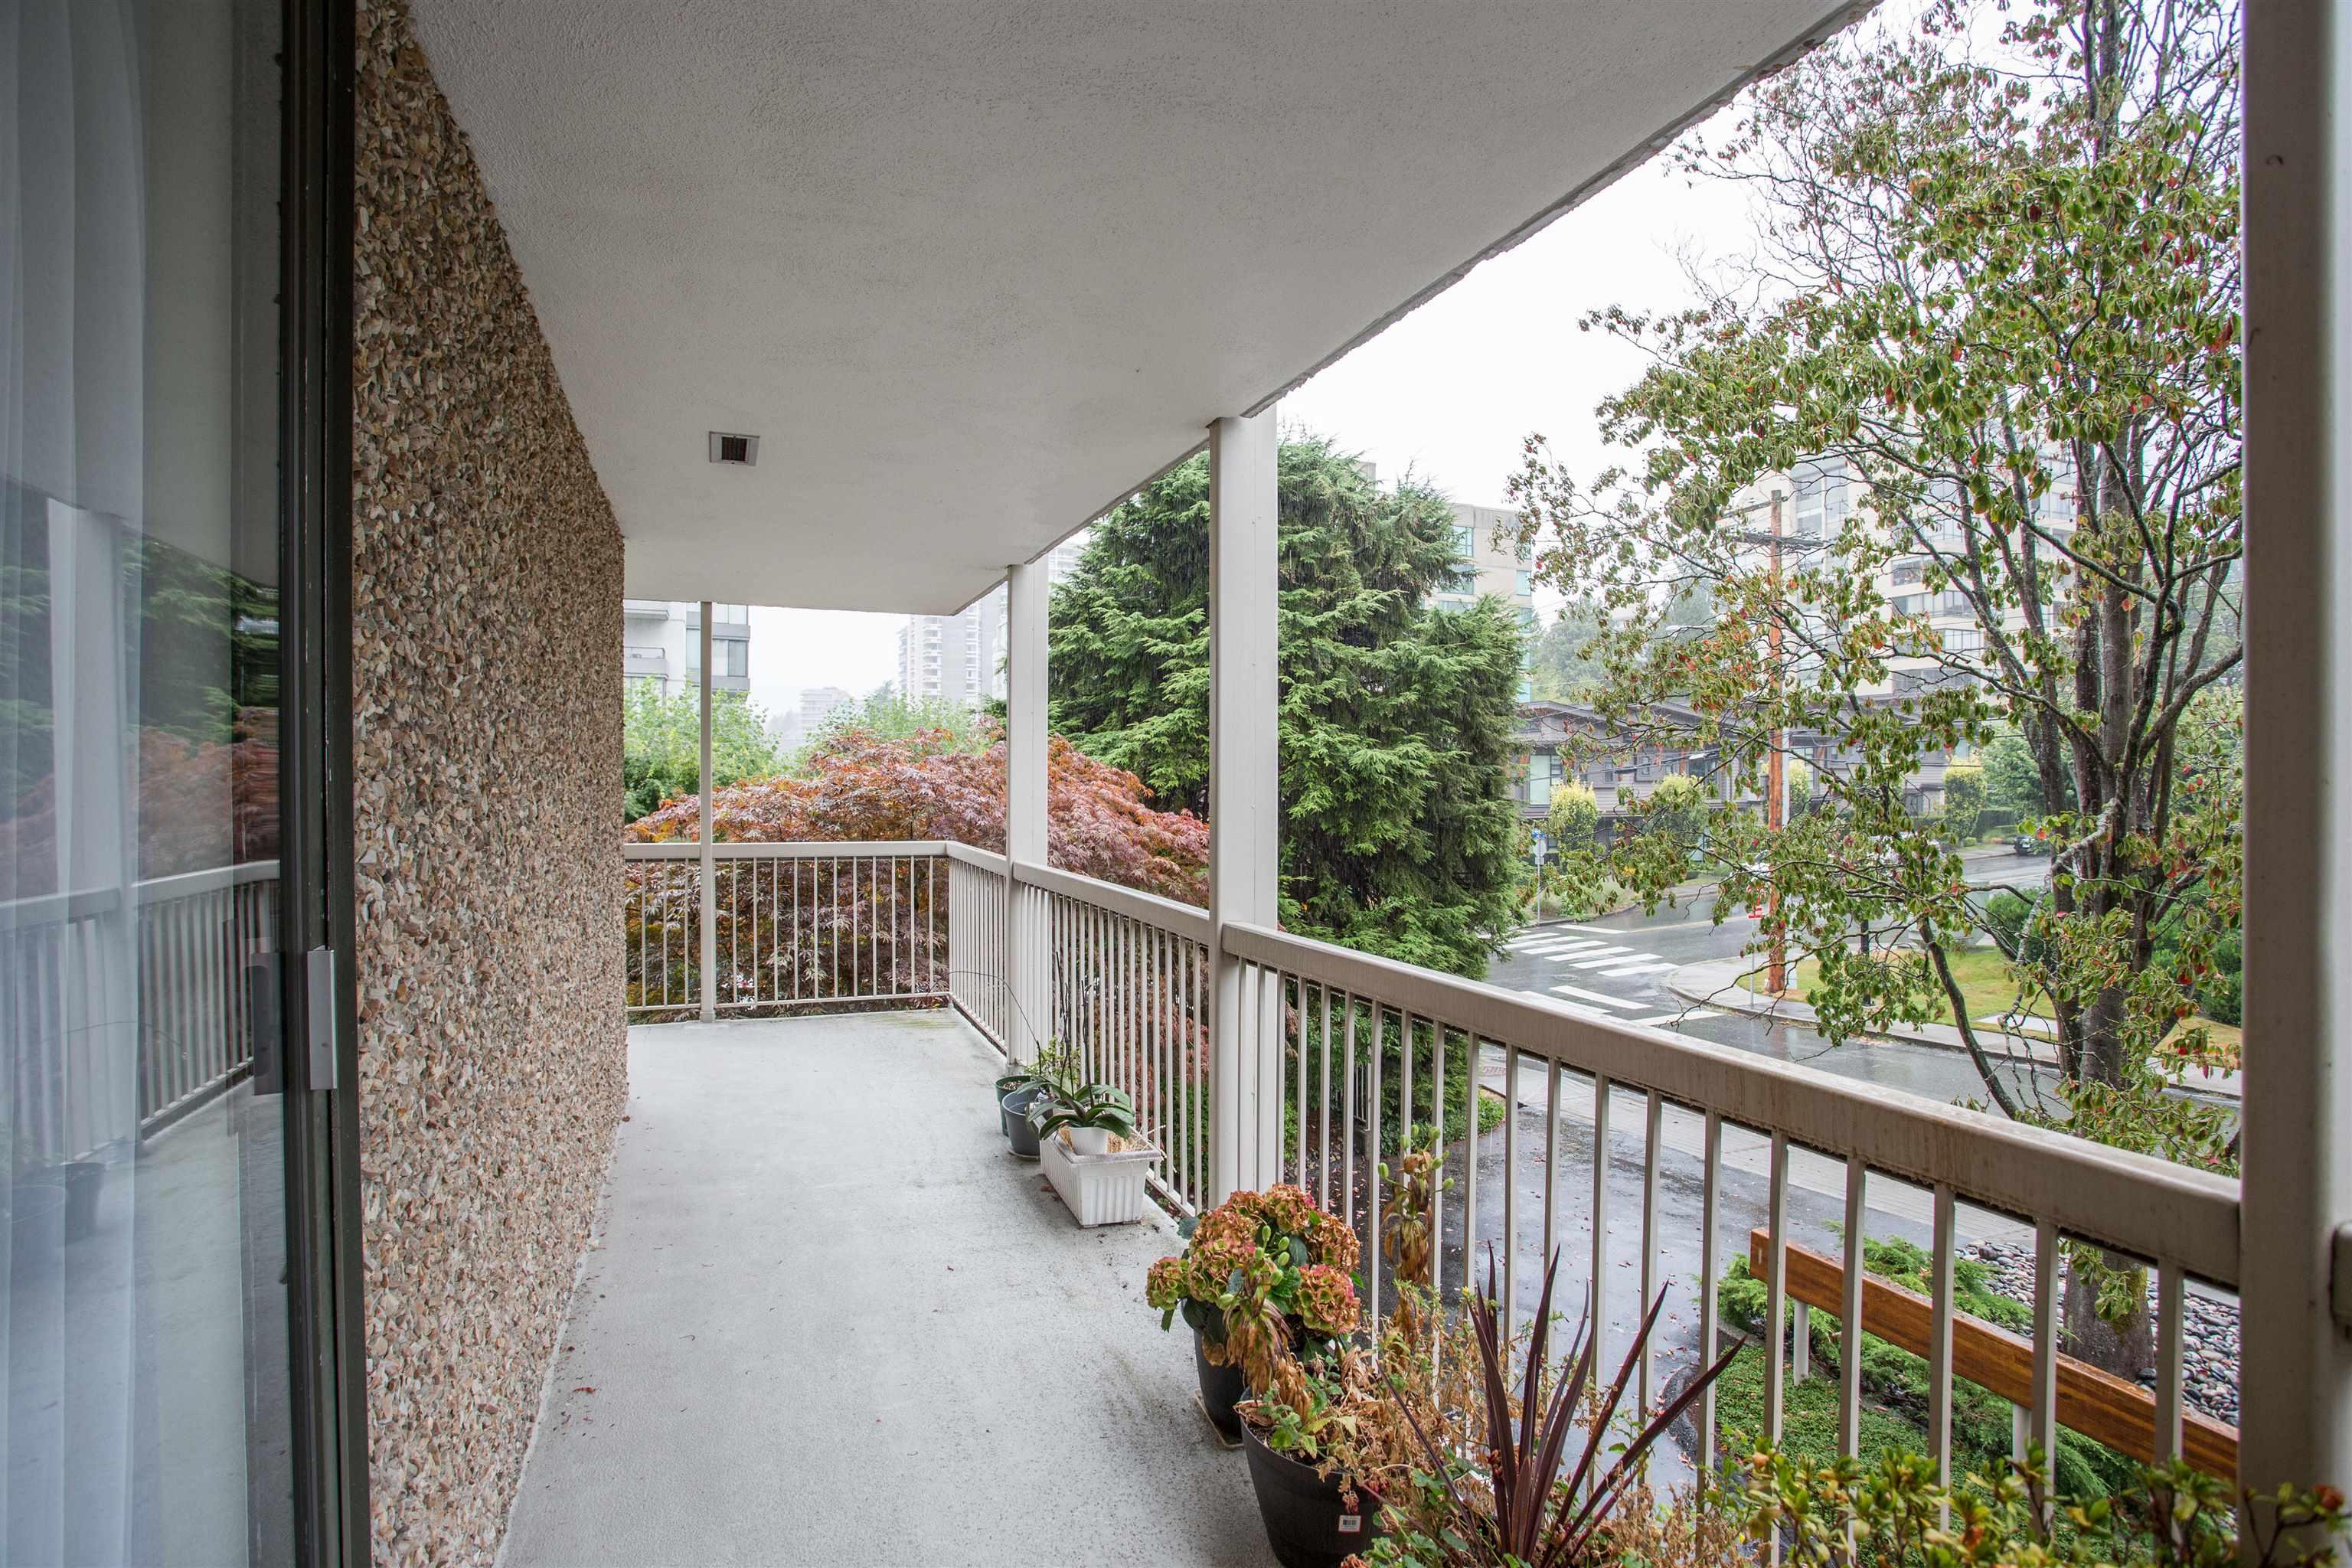 203 1390 DUCHESS AVENUE - Ambleside Apartment/Condo for sale, 1 Bedroom (R2611618) - #27